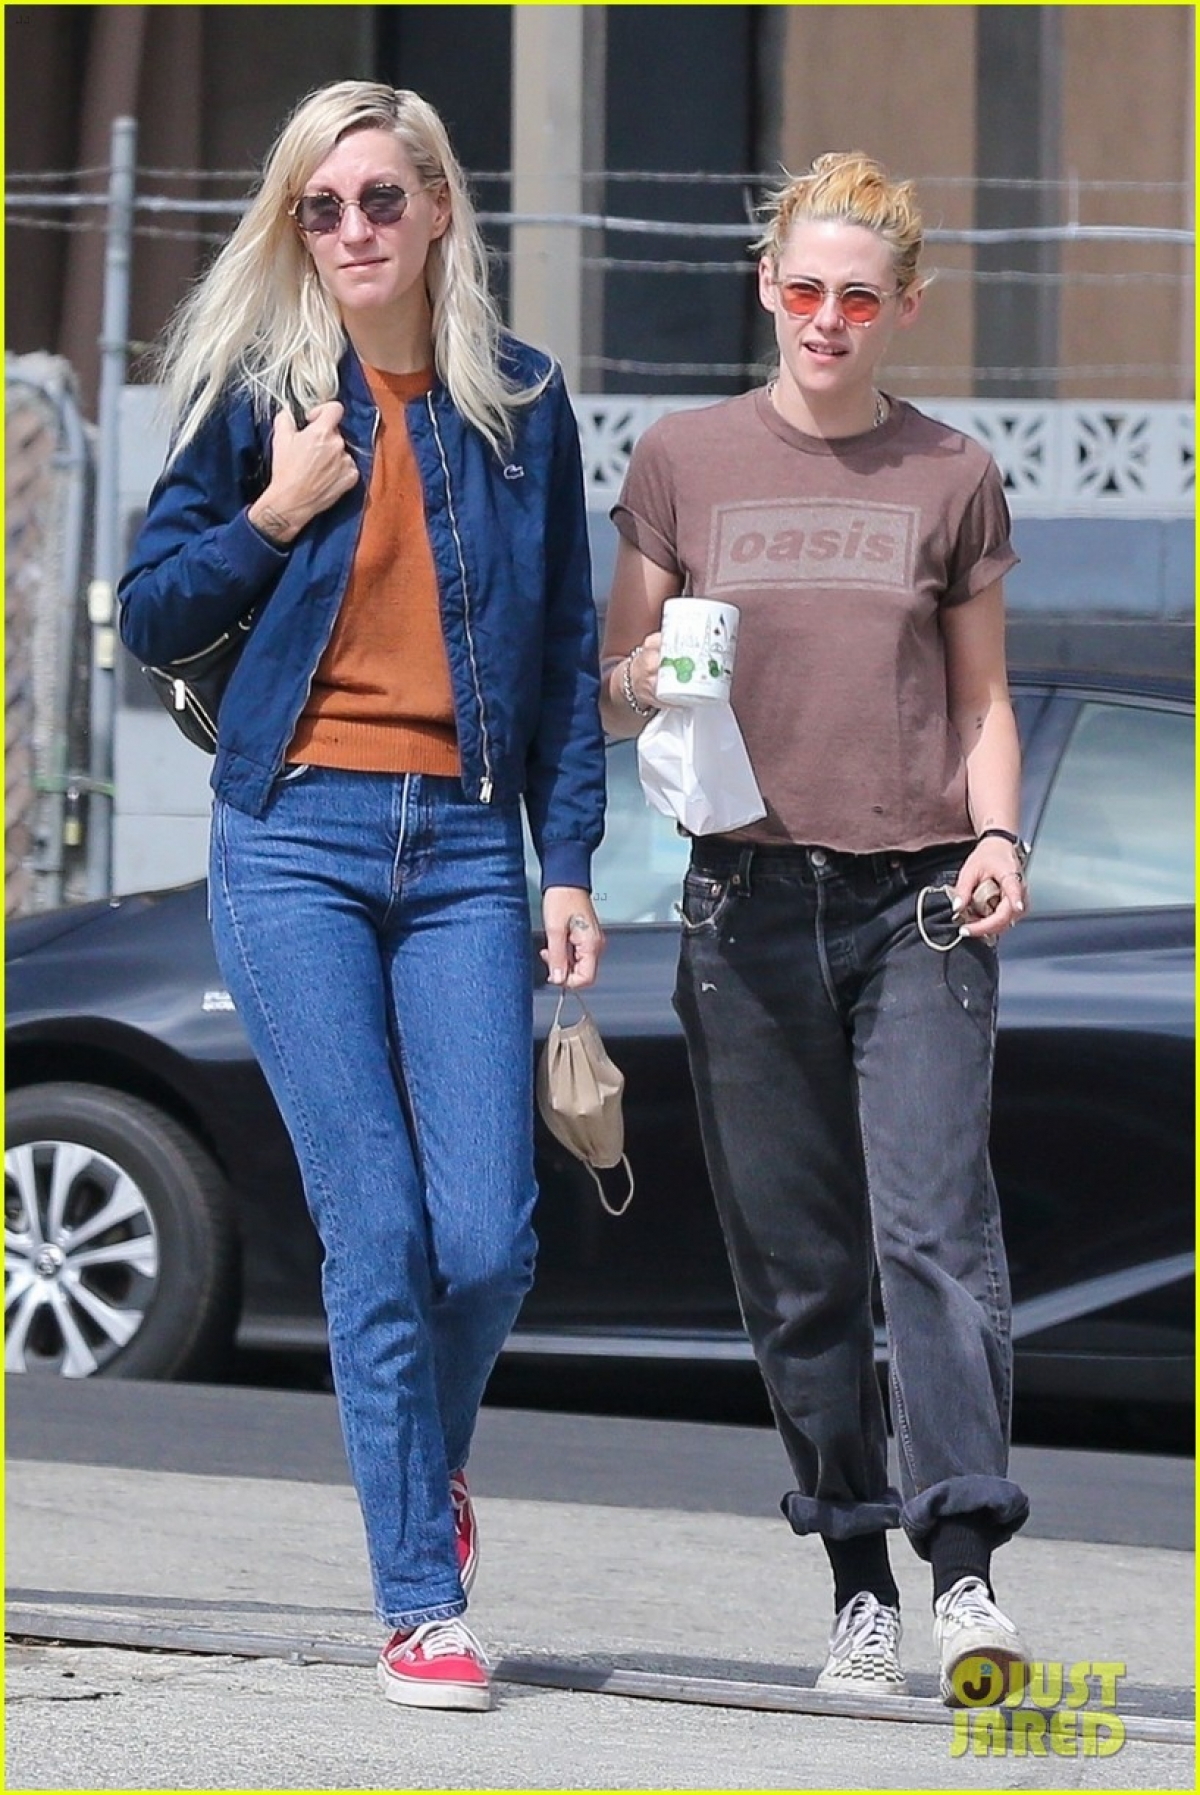 Mối quan hệ của Kristen Stewart và nhà biên kịch Dylan Meyer ngày càng sâu sắc.